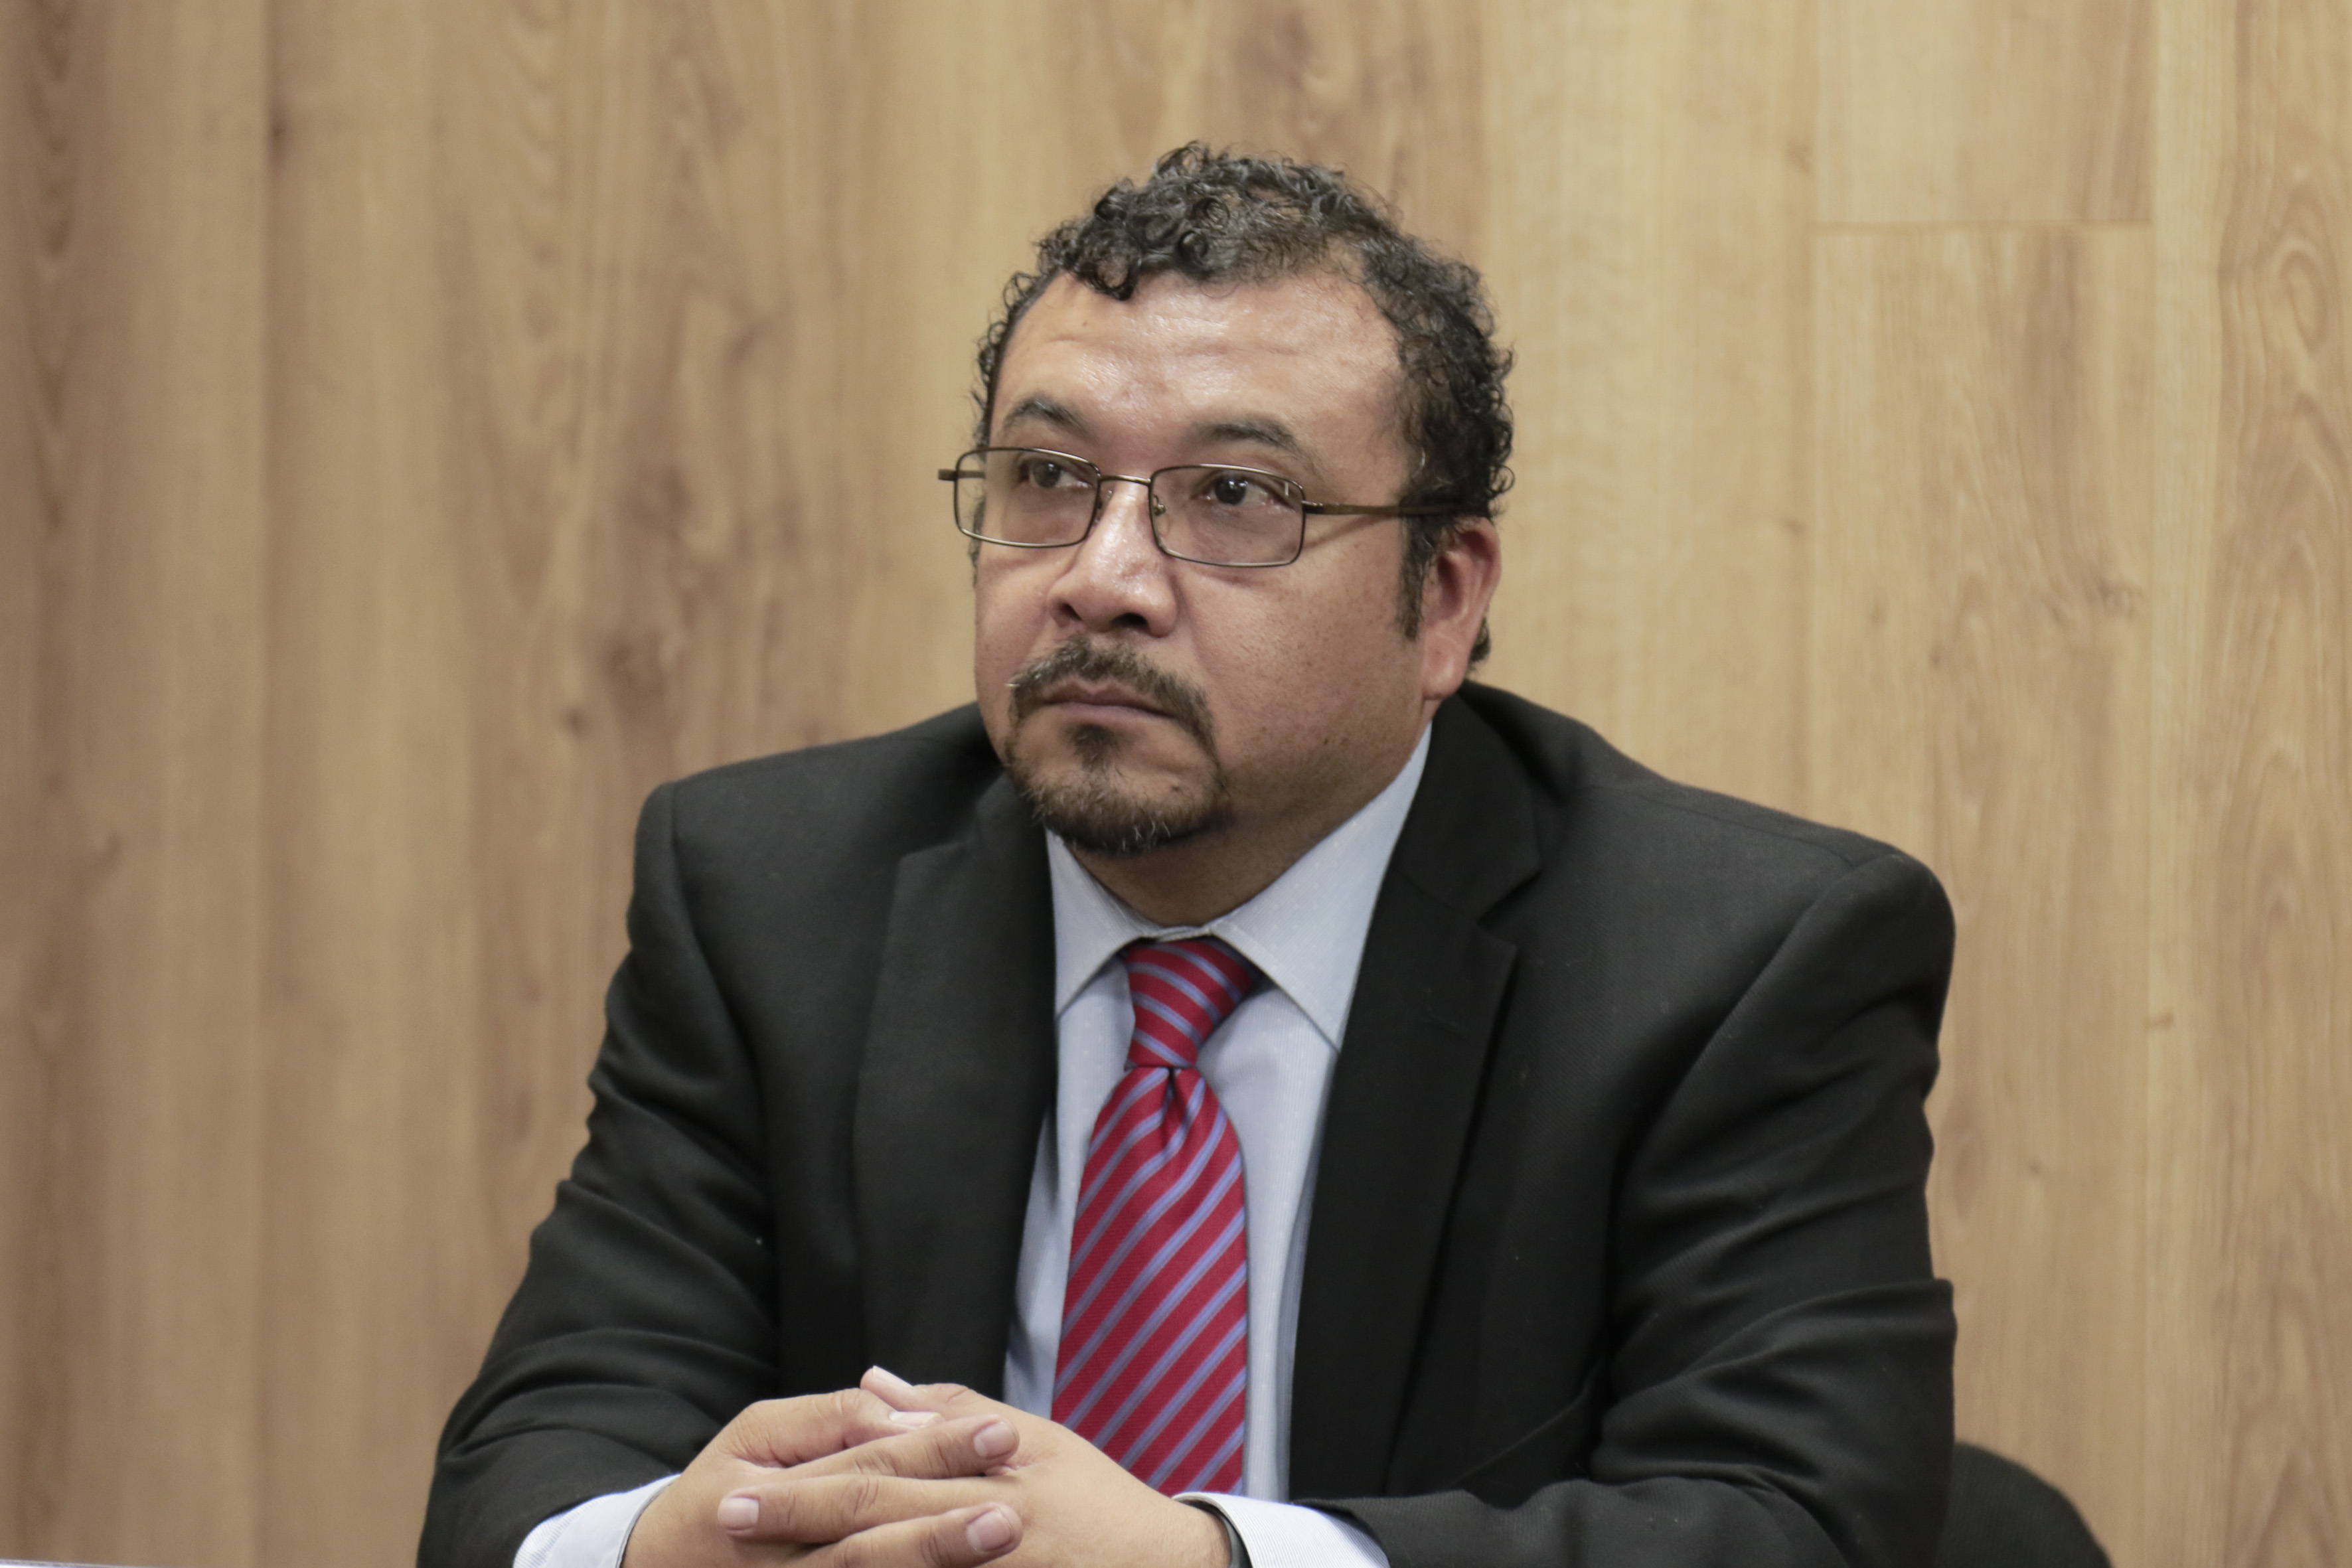 Dr Gerardo Rojas Sánchez, coordinador de la carrera de Técnico Superior Universitario en Terapia Respiratoria, del Centro Universitario de Ciencias de la Salud (CUCS).